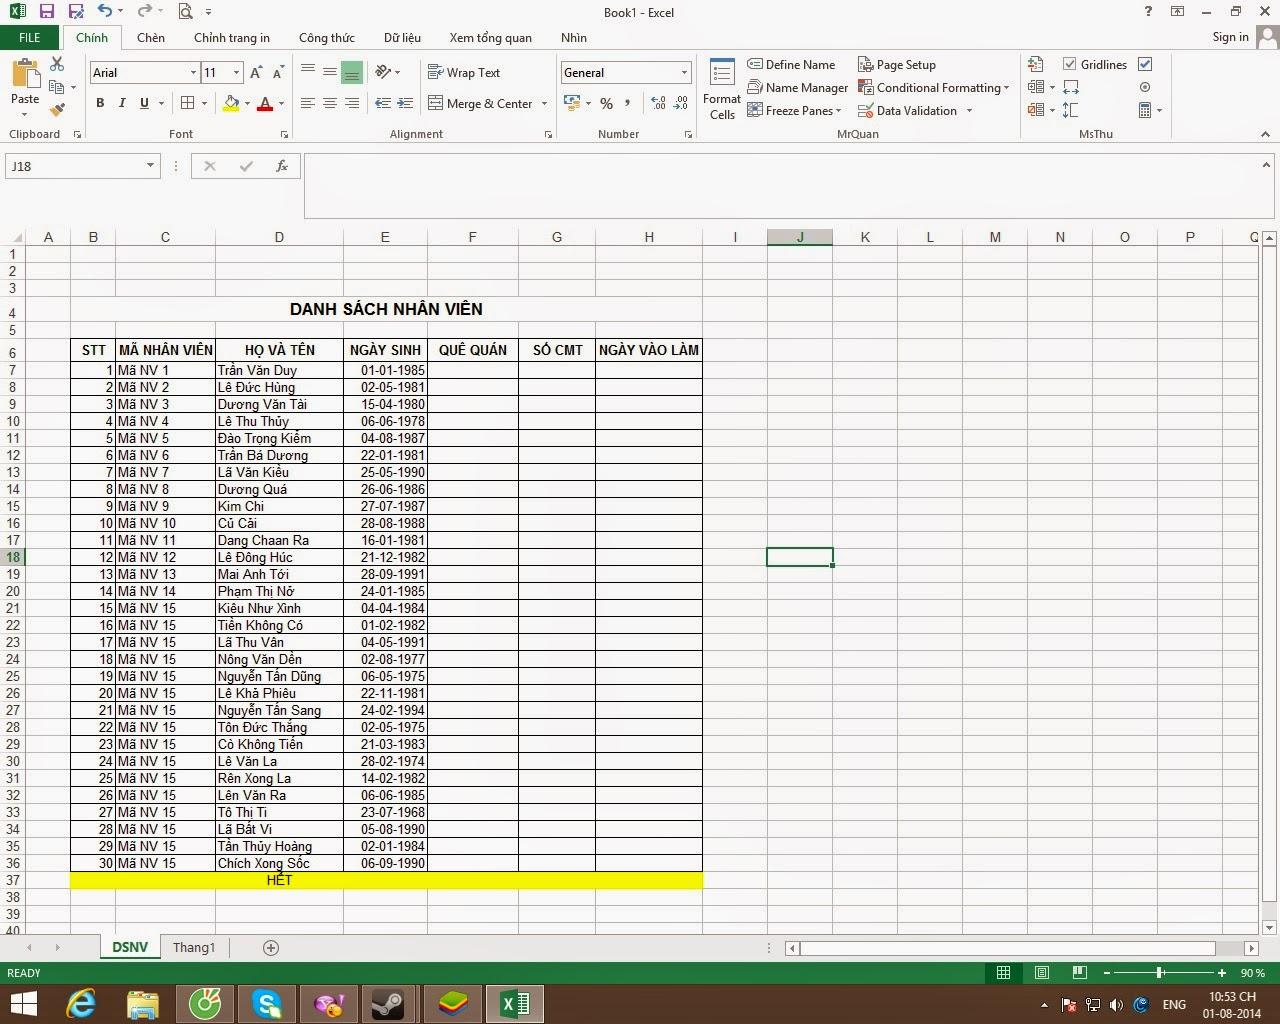 Sheet danh sách nhân viên trong bảng chấm công